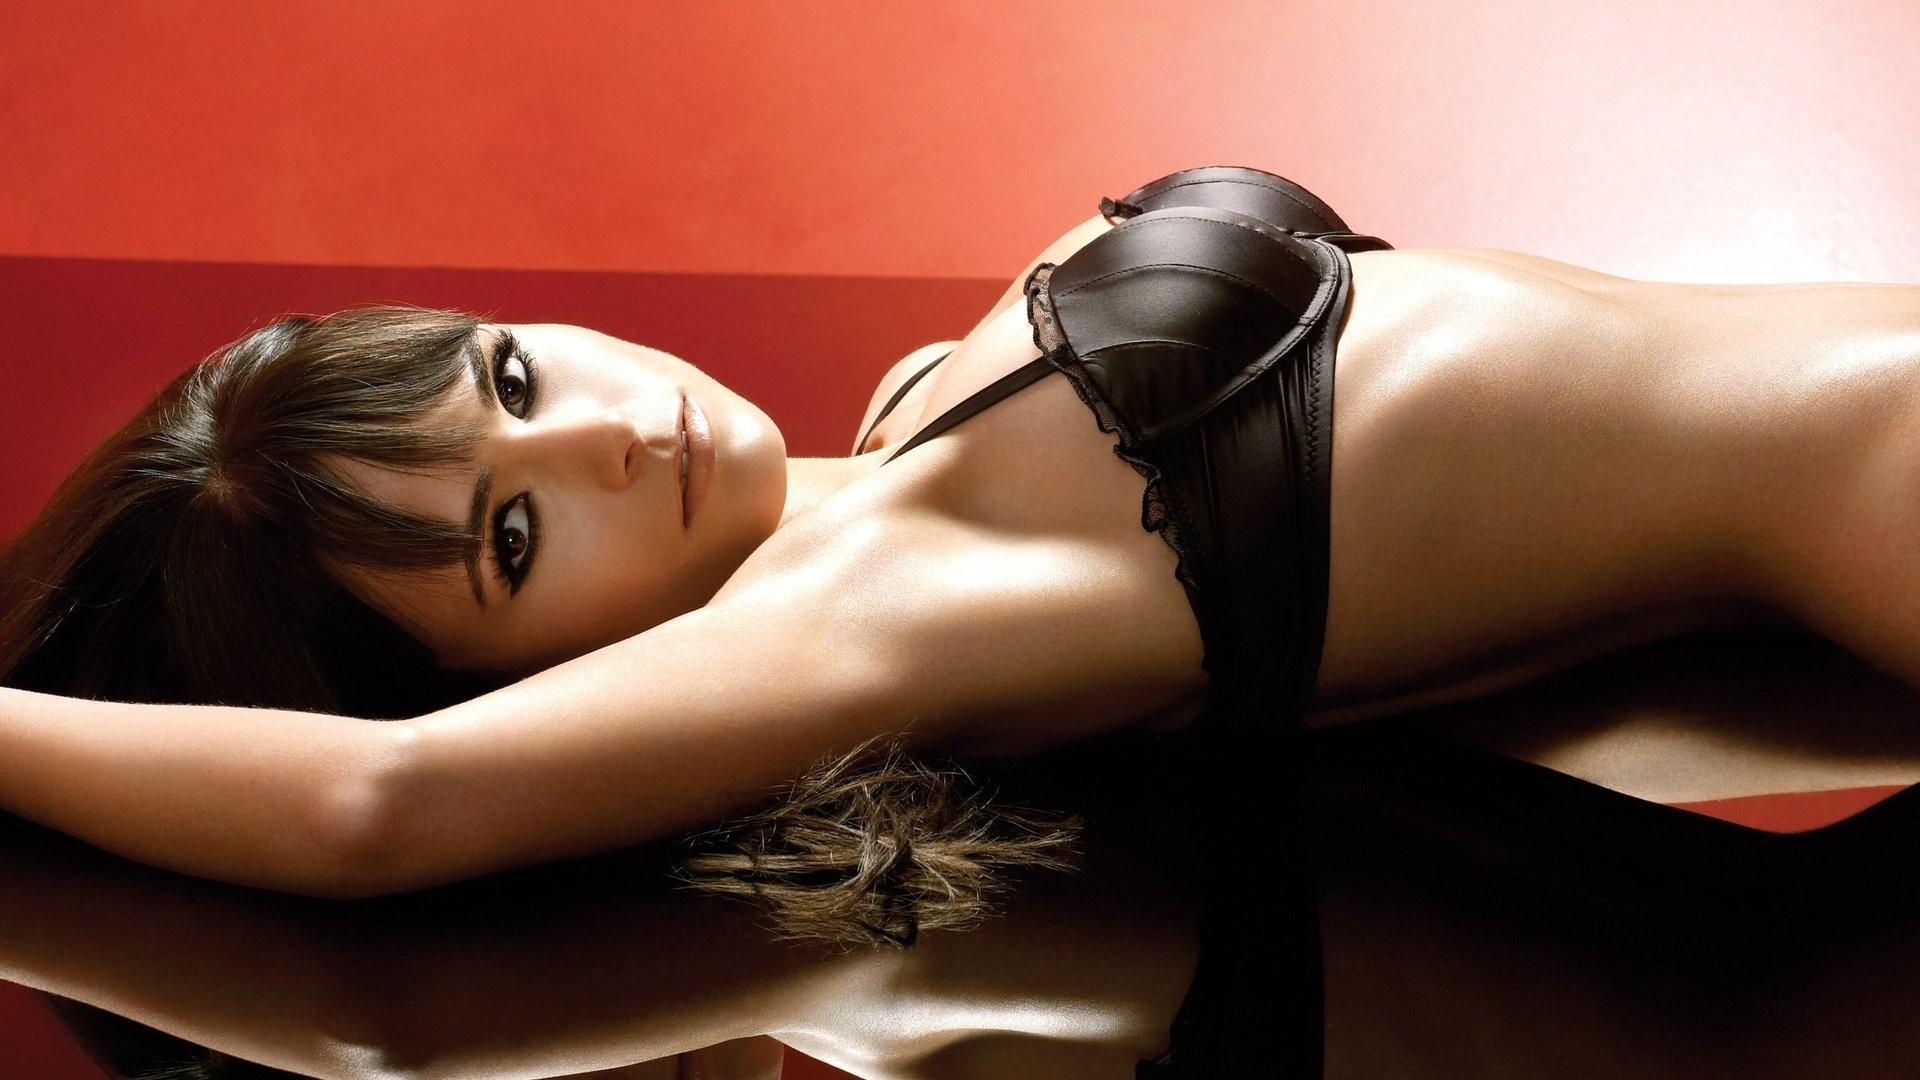 Sarah Mcdonald British Glamour Model Nude Adult Photos Hd